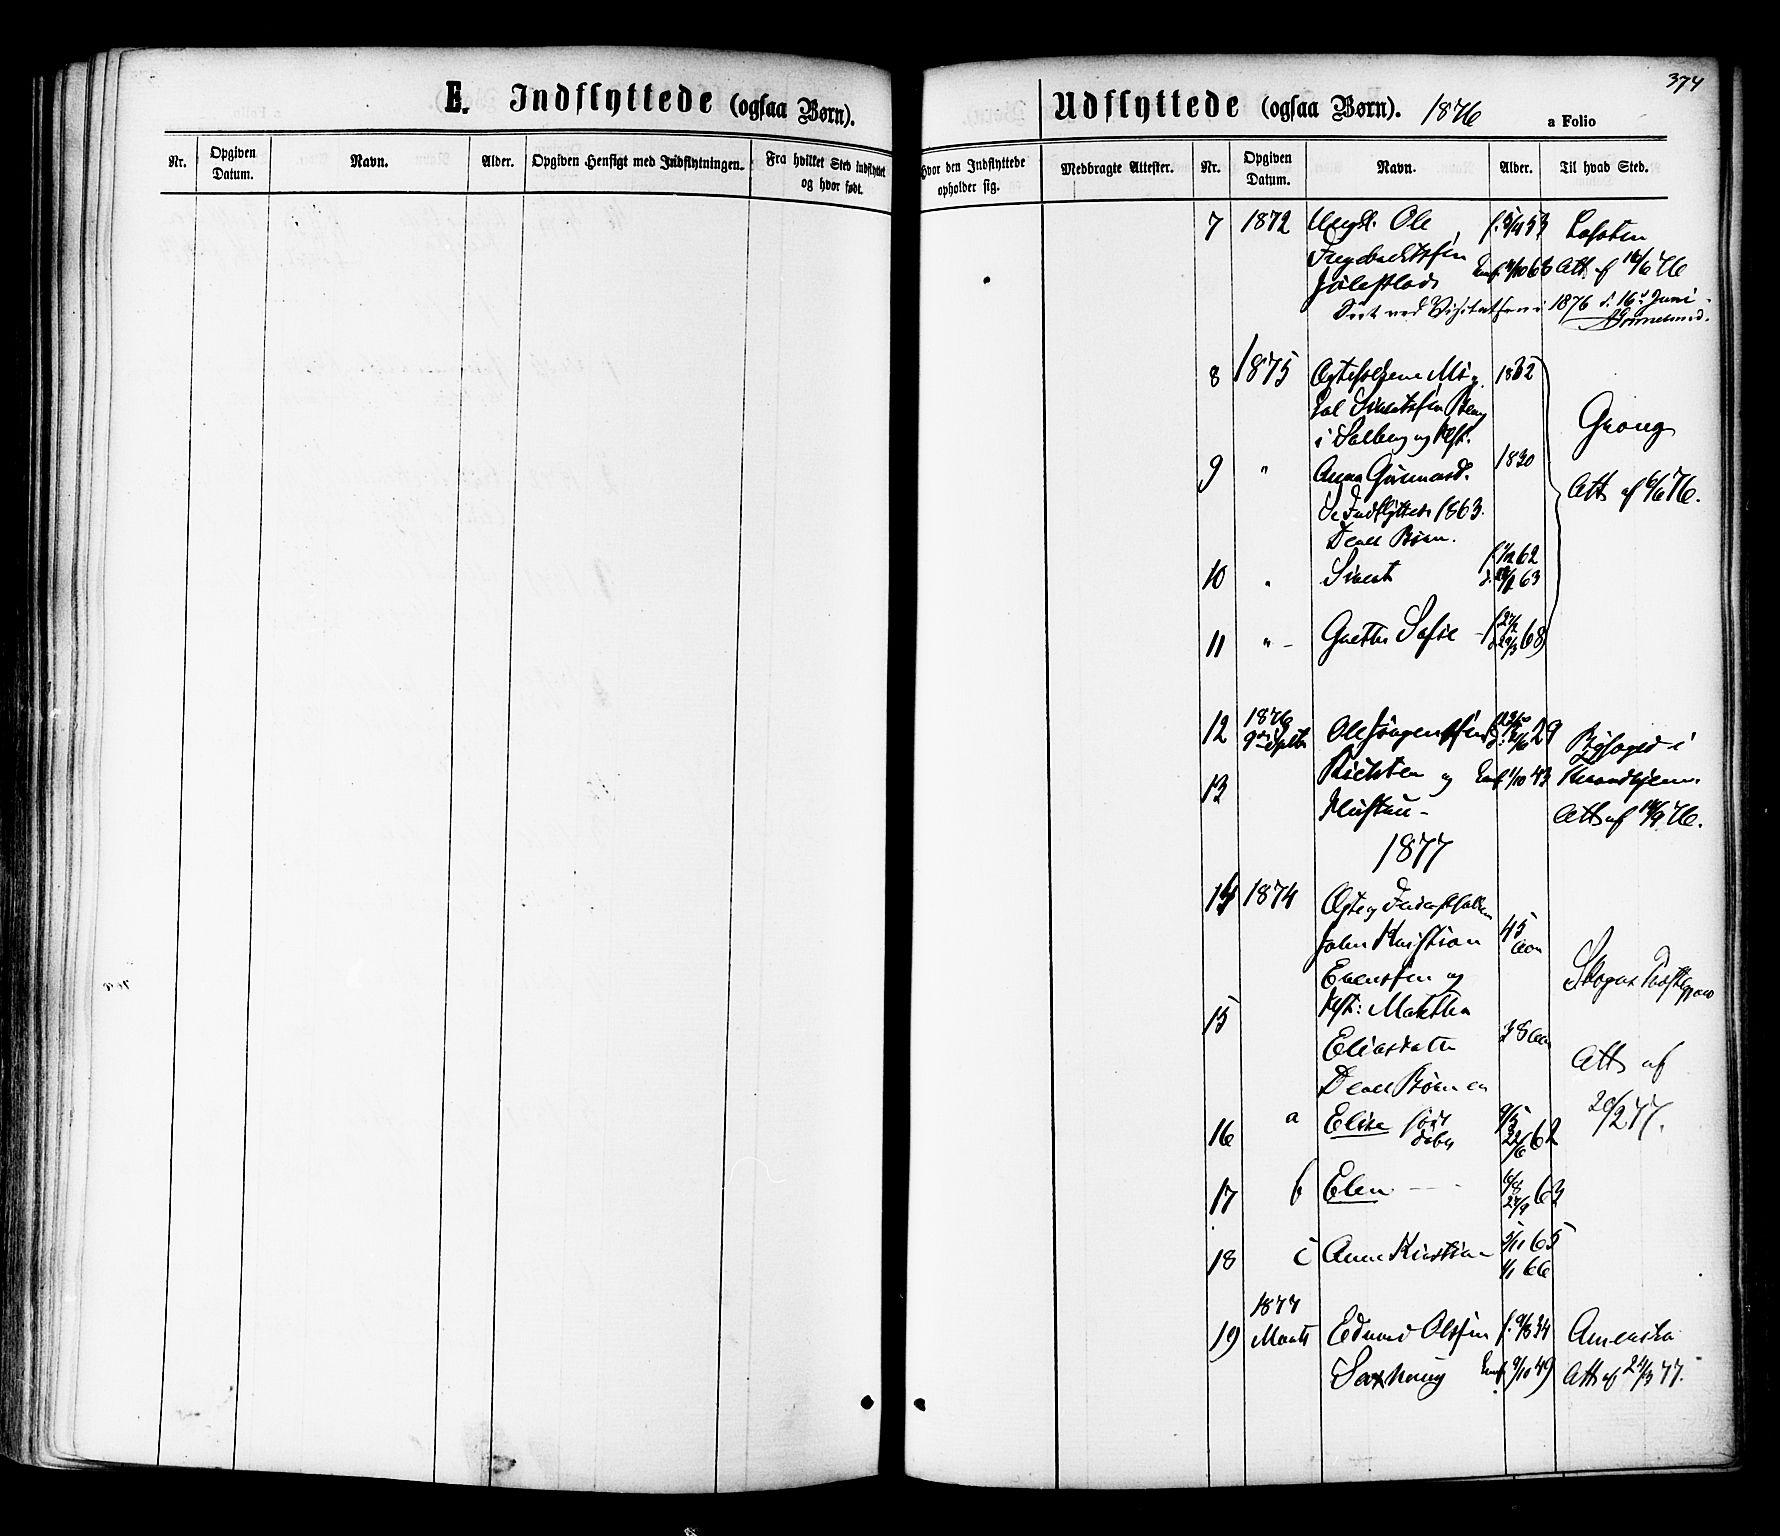 SAT, Ministerialprotokoller, klokkerbøker og fødselsregistre - Nord-Trøndelag, 730/L0284: Ministerialbok nr. 730A09, 1866-1878, s. 374